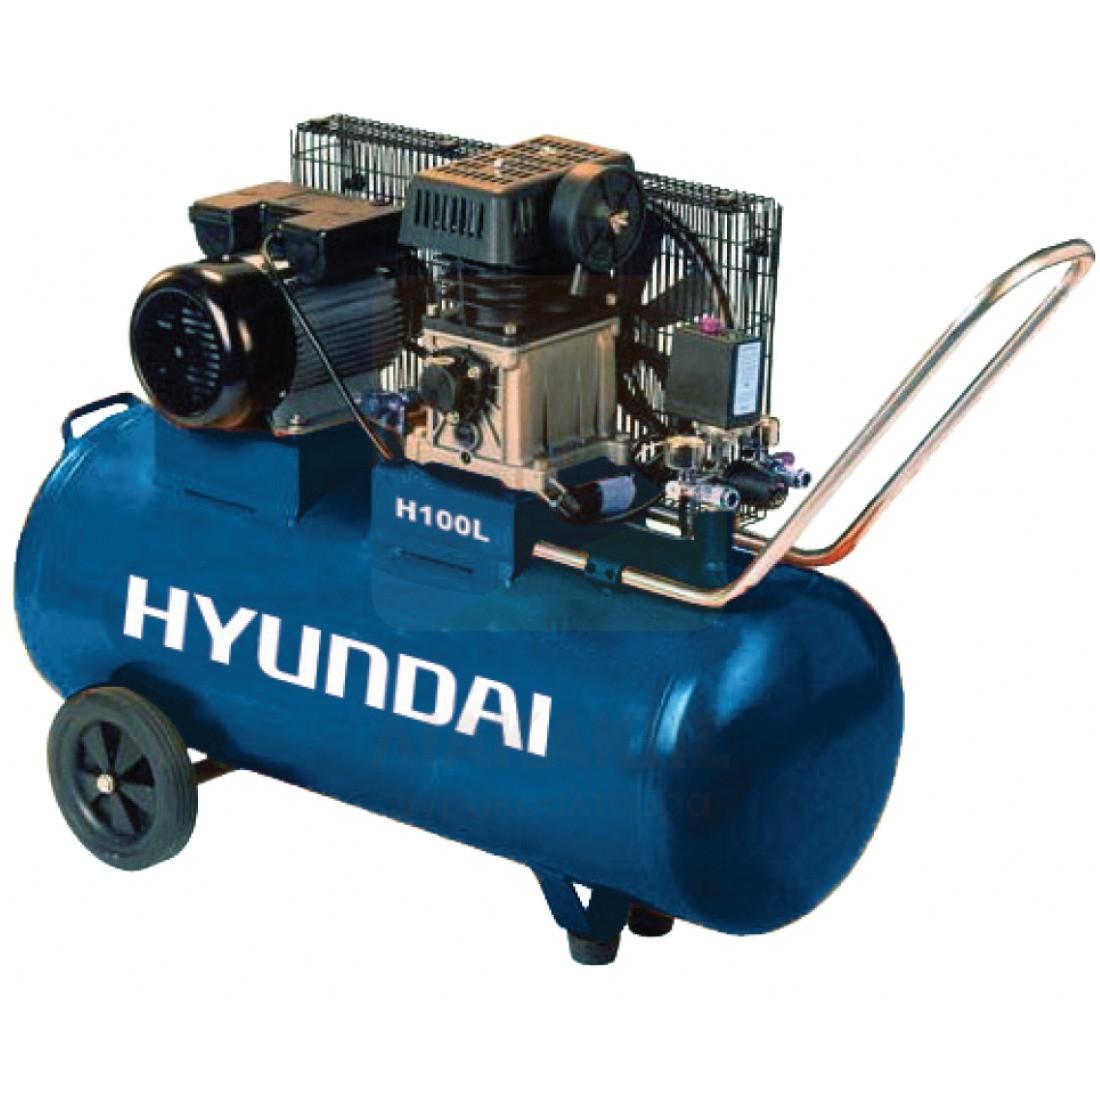 Hyundai H100L